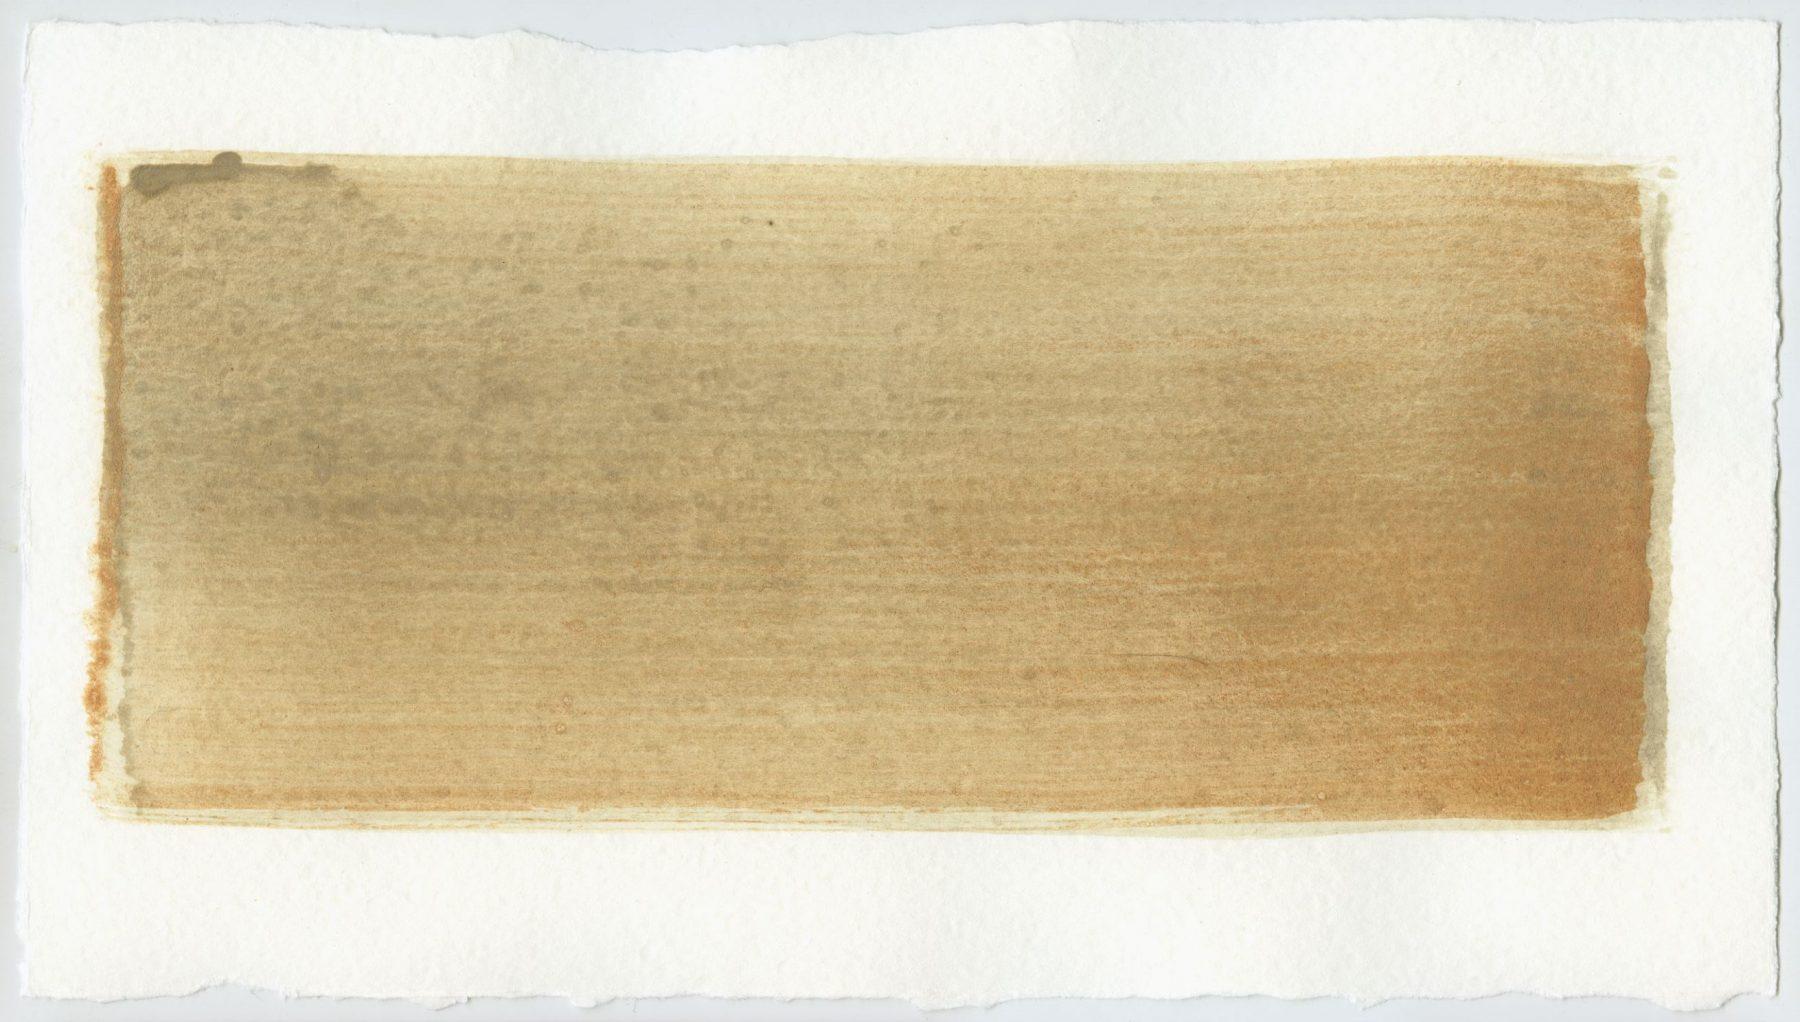 Brush stroke no. 26 - Selfmade pigment: Perekker grijs, Perekker roze